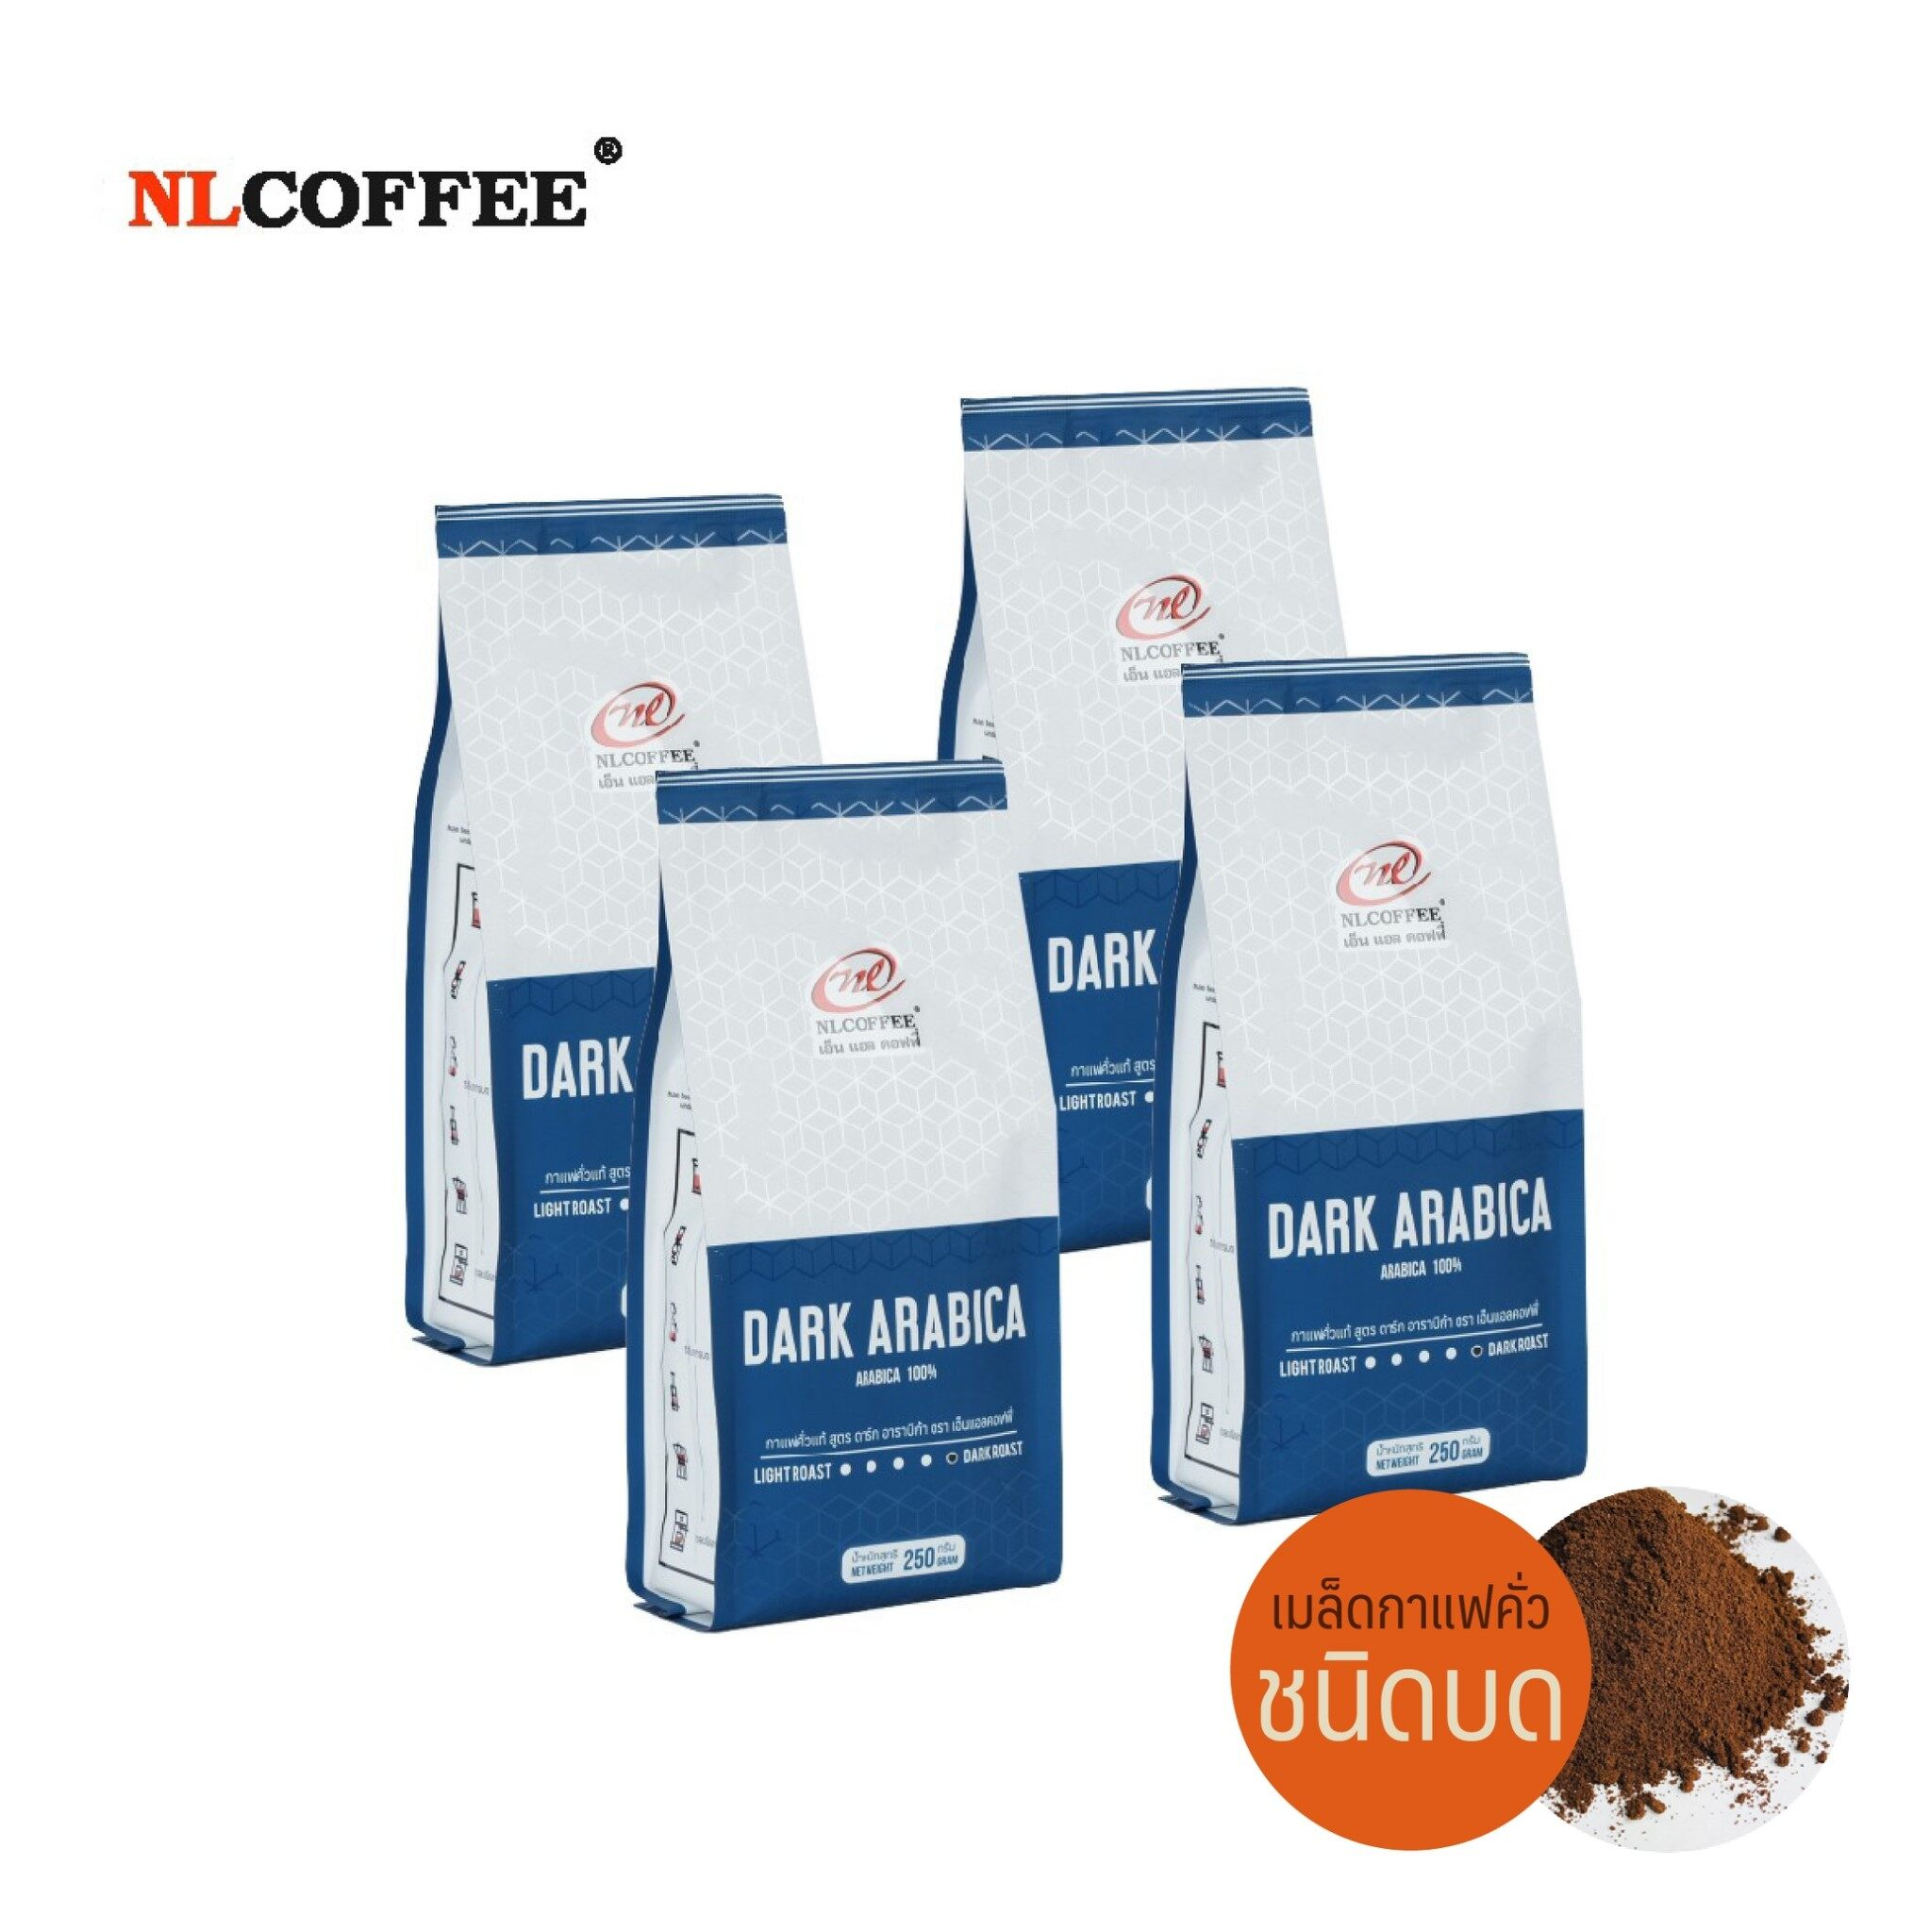 กาแฟคั่วบด Dark Arabica By Nlcoffee (250กรัม 4แพ็ค) กาแฟ อาราบิก้า100% (ชนิดบด).